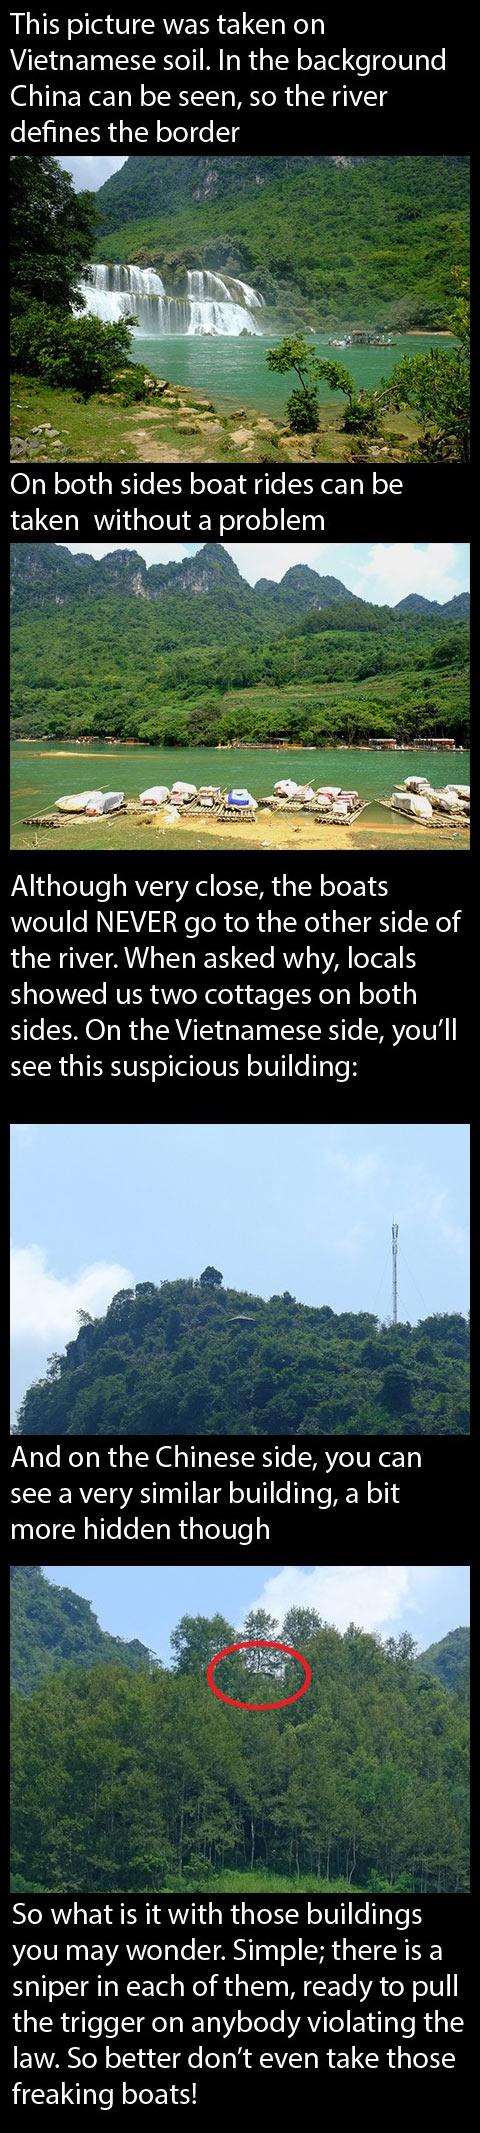 Vietnam-China-river-border-boats